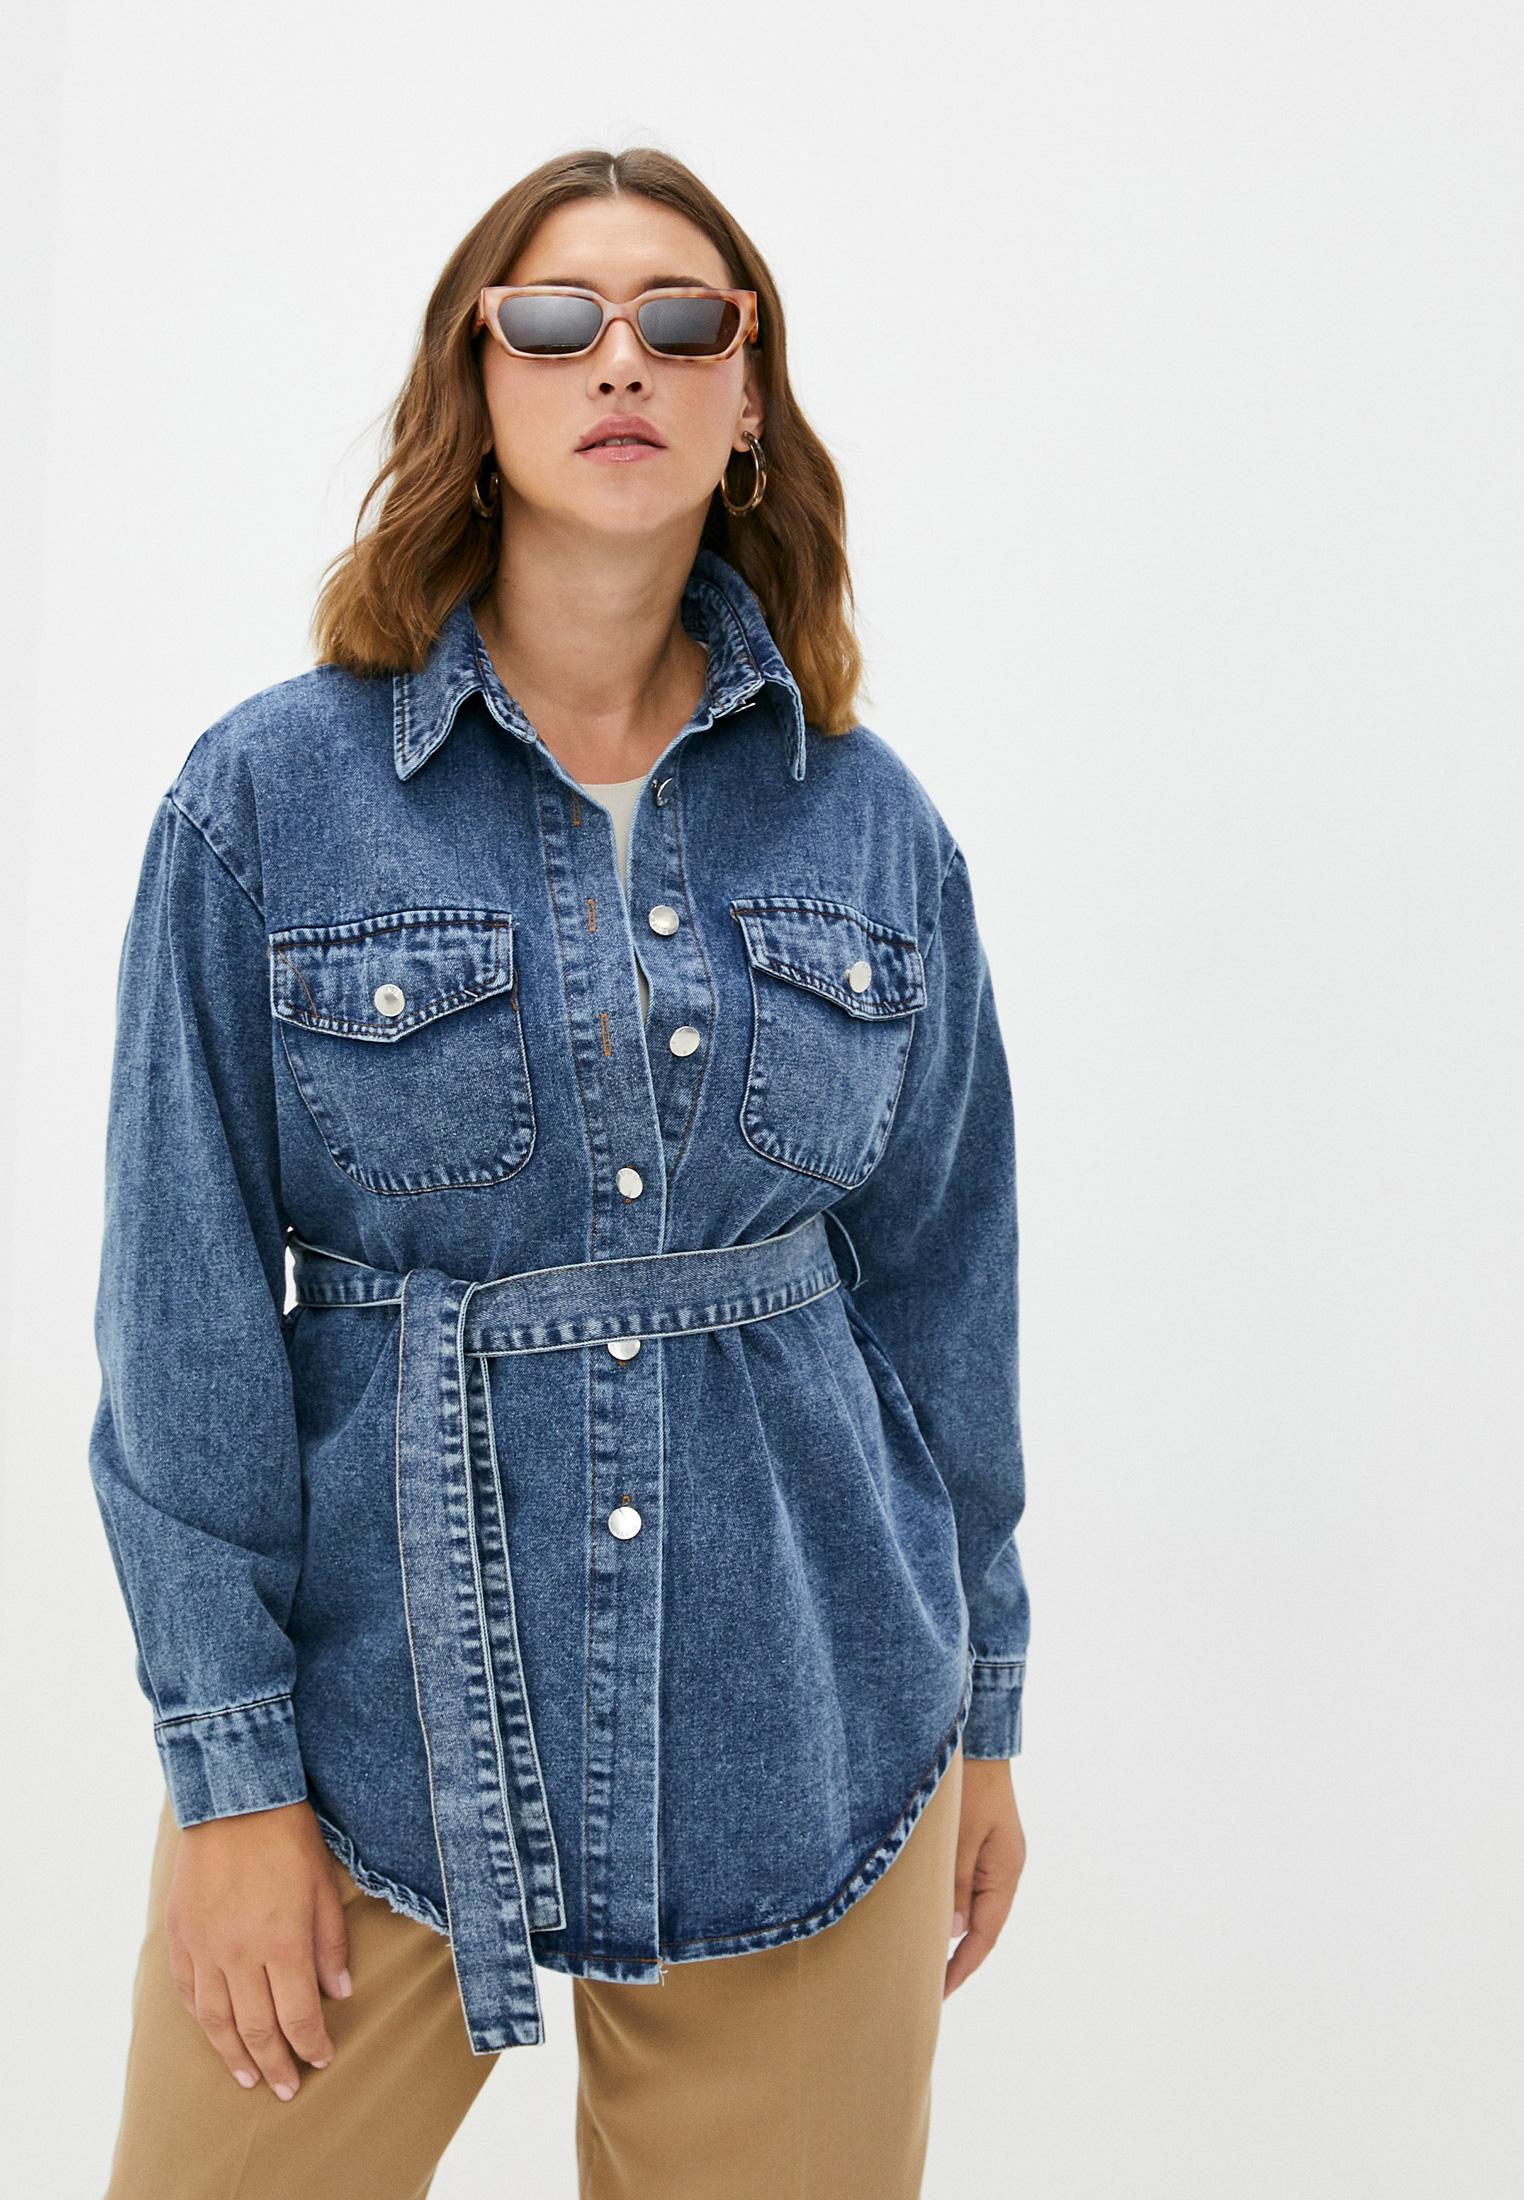 Женские джинсовые рубашки Miss Gabby Рубашка джинсовая Miss Gabby